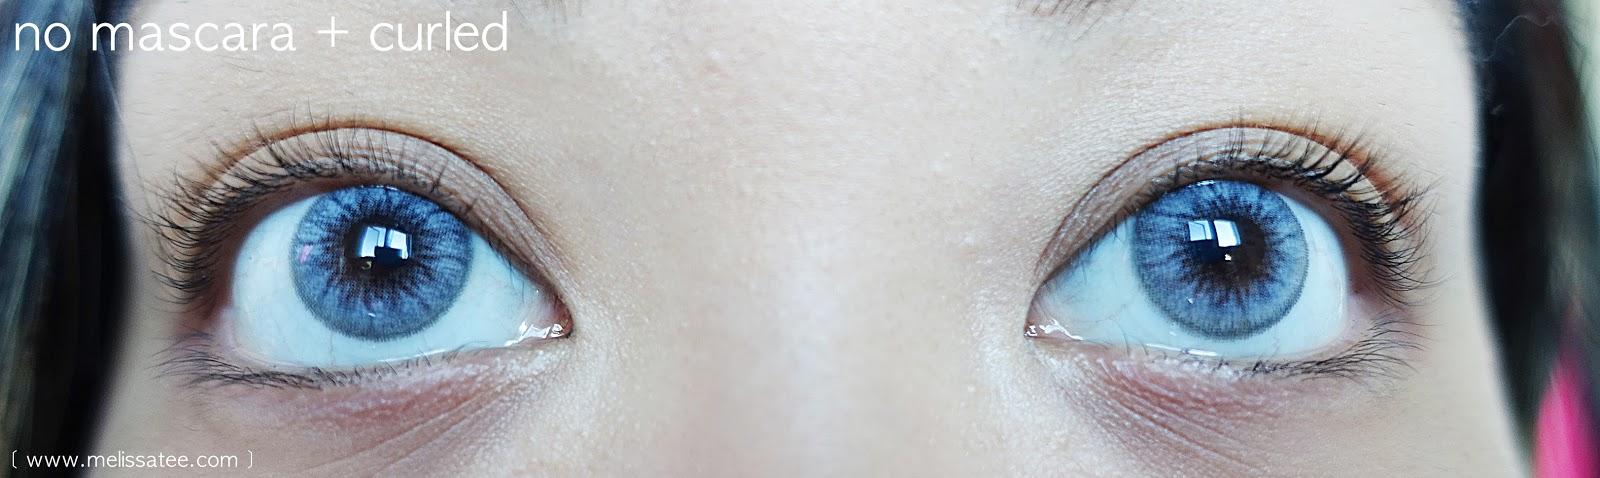 7477f30a097 mia adora, mia adora 3d fiber lashes, mia adora 3d fiber lashes review,